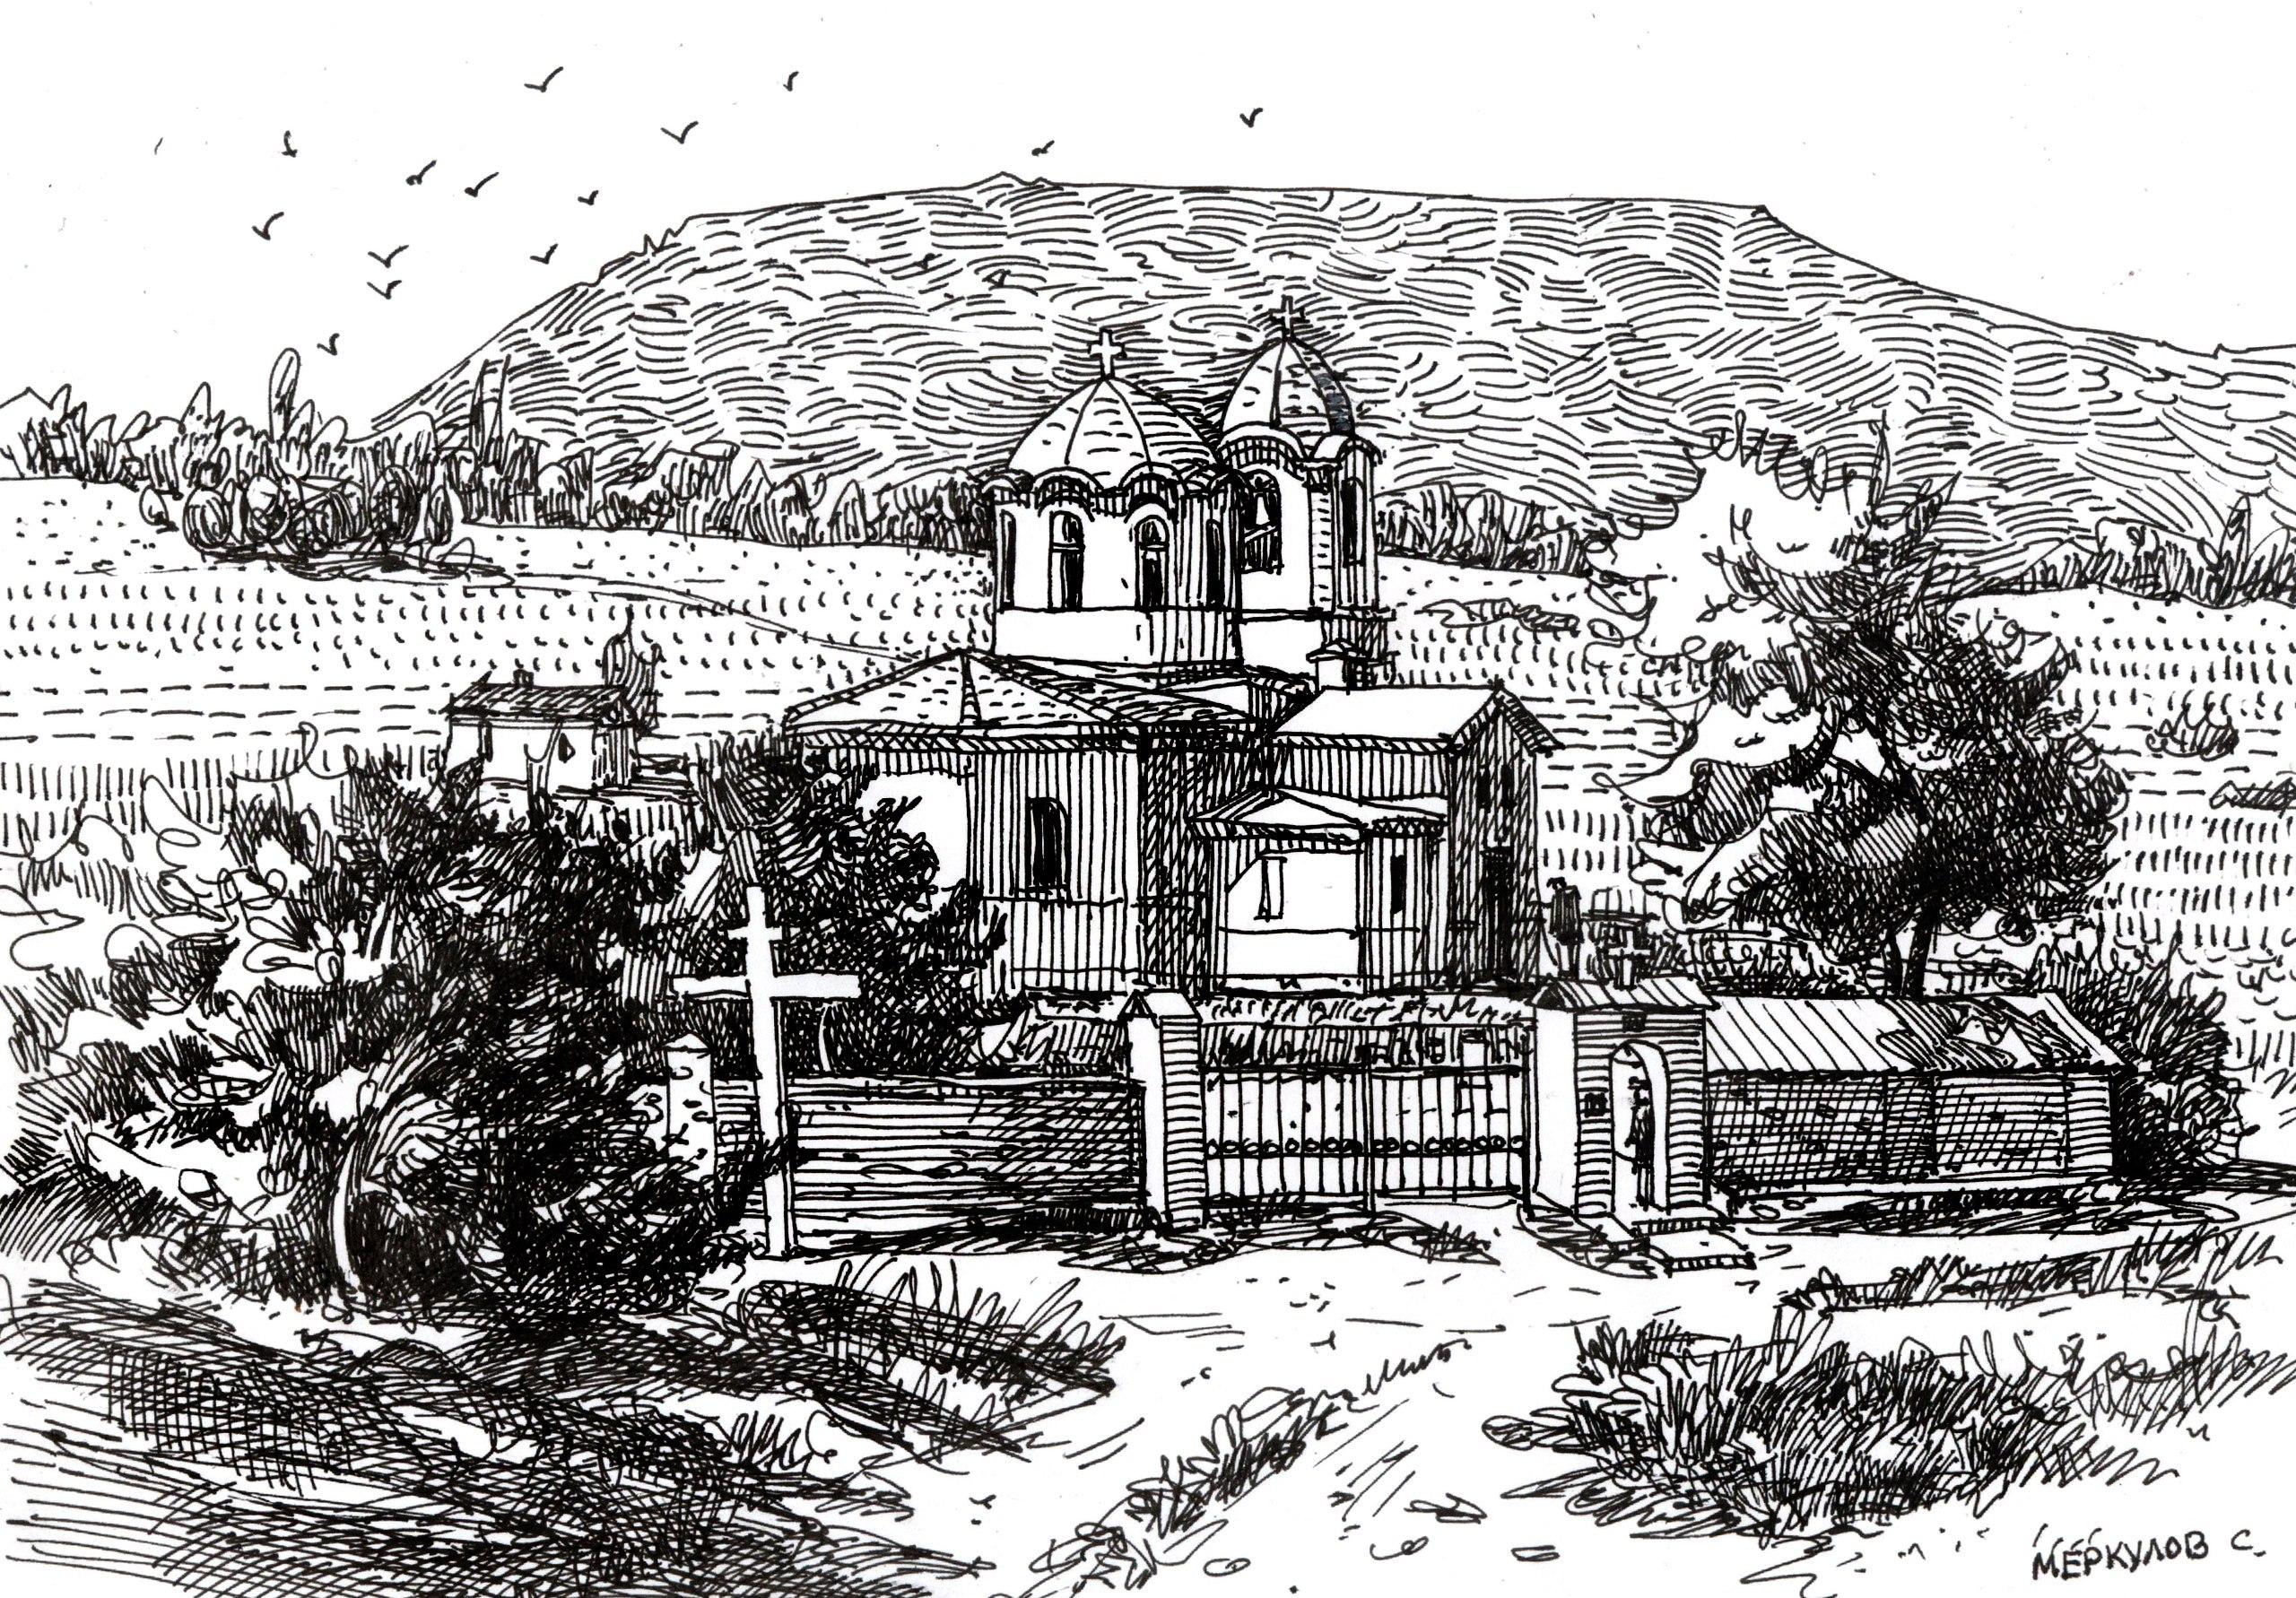 Храм Луки, Меркулов Сергей, рисунокпером, графика, крым